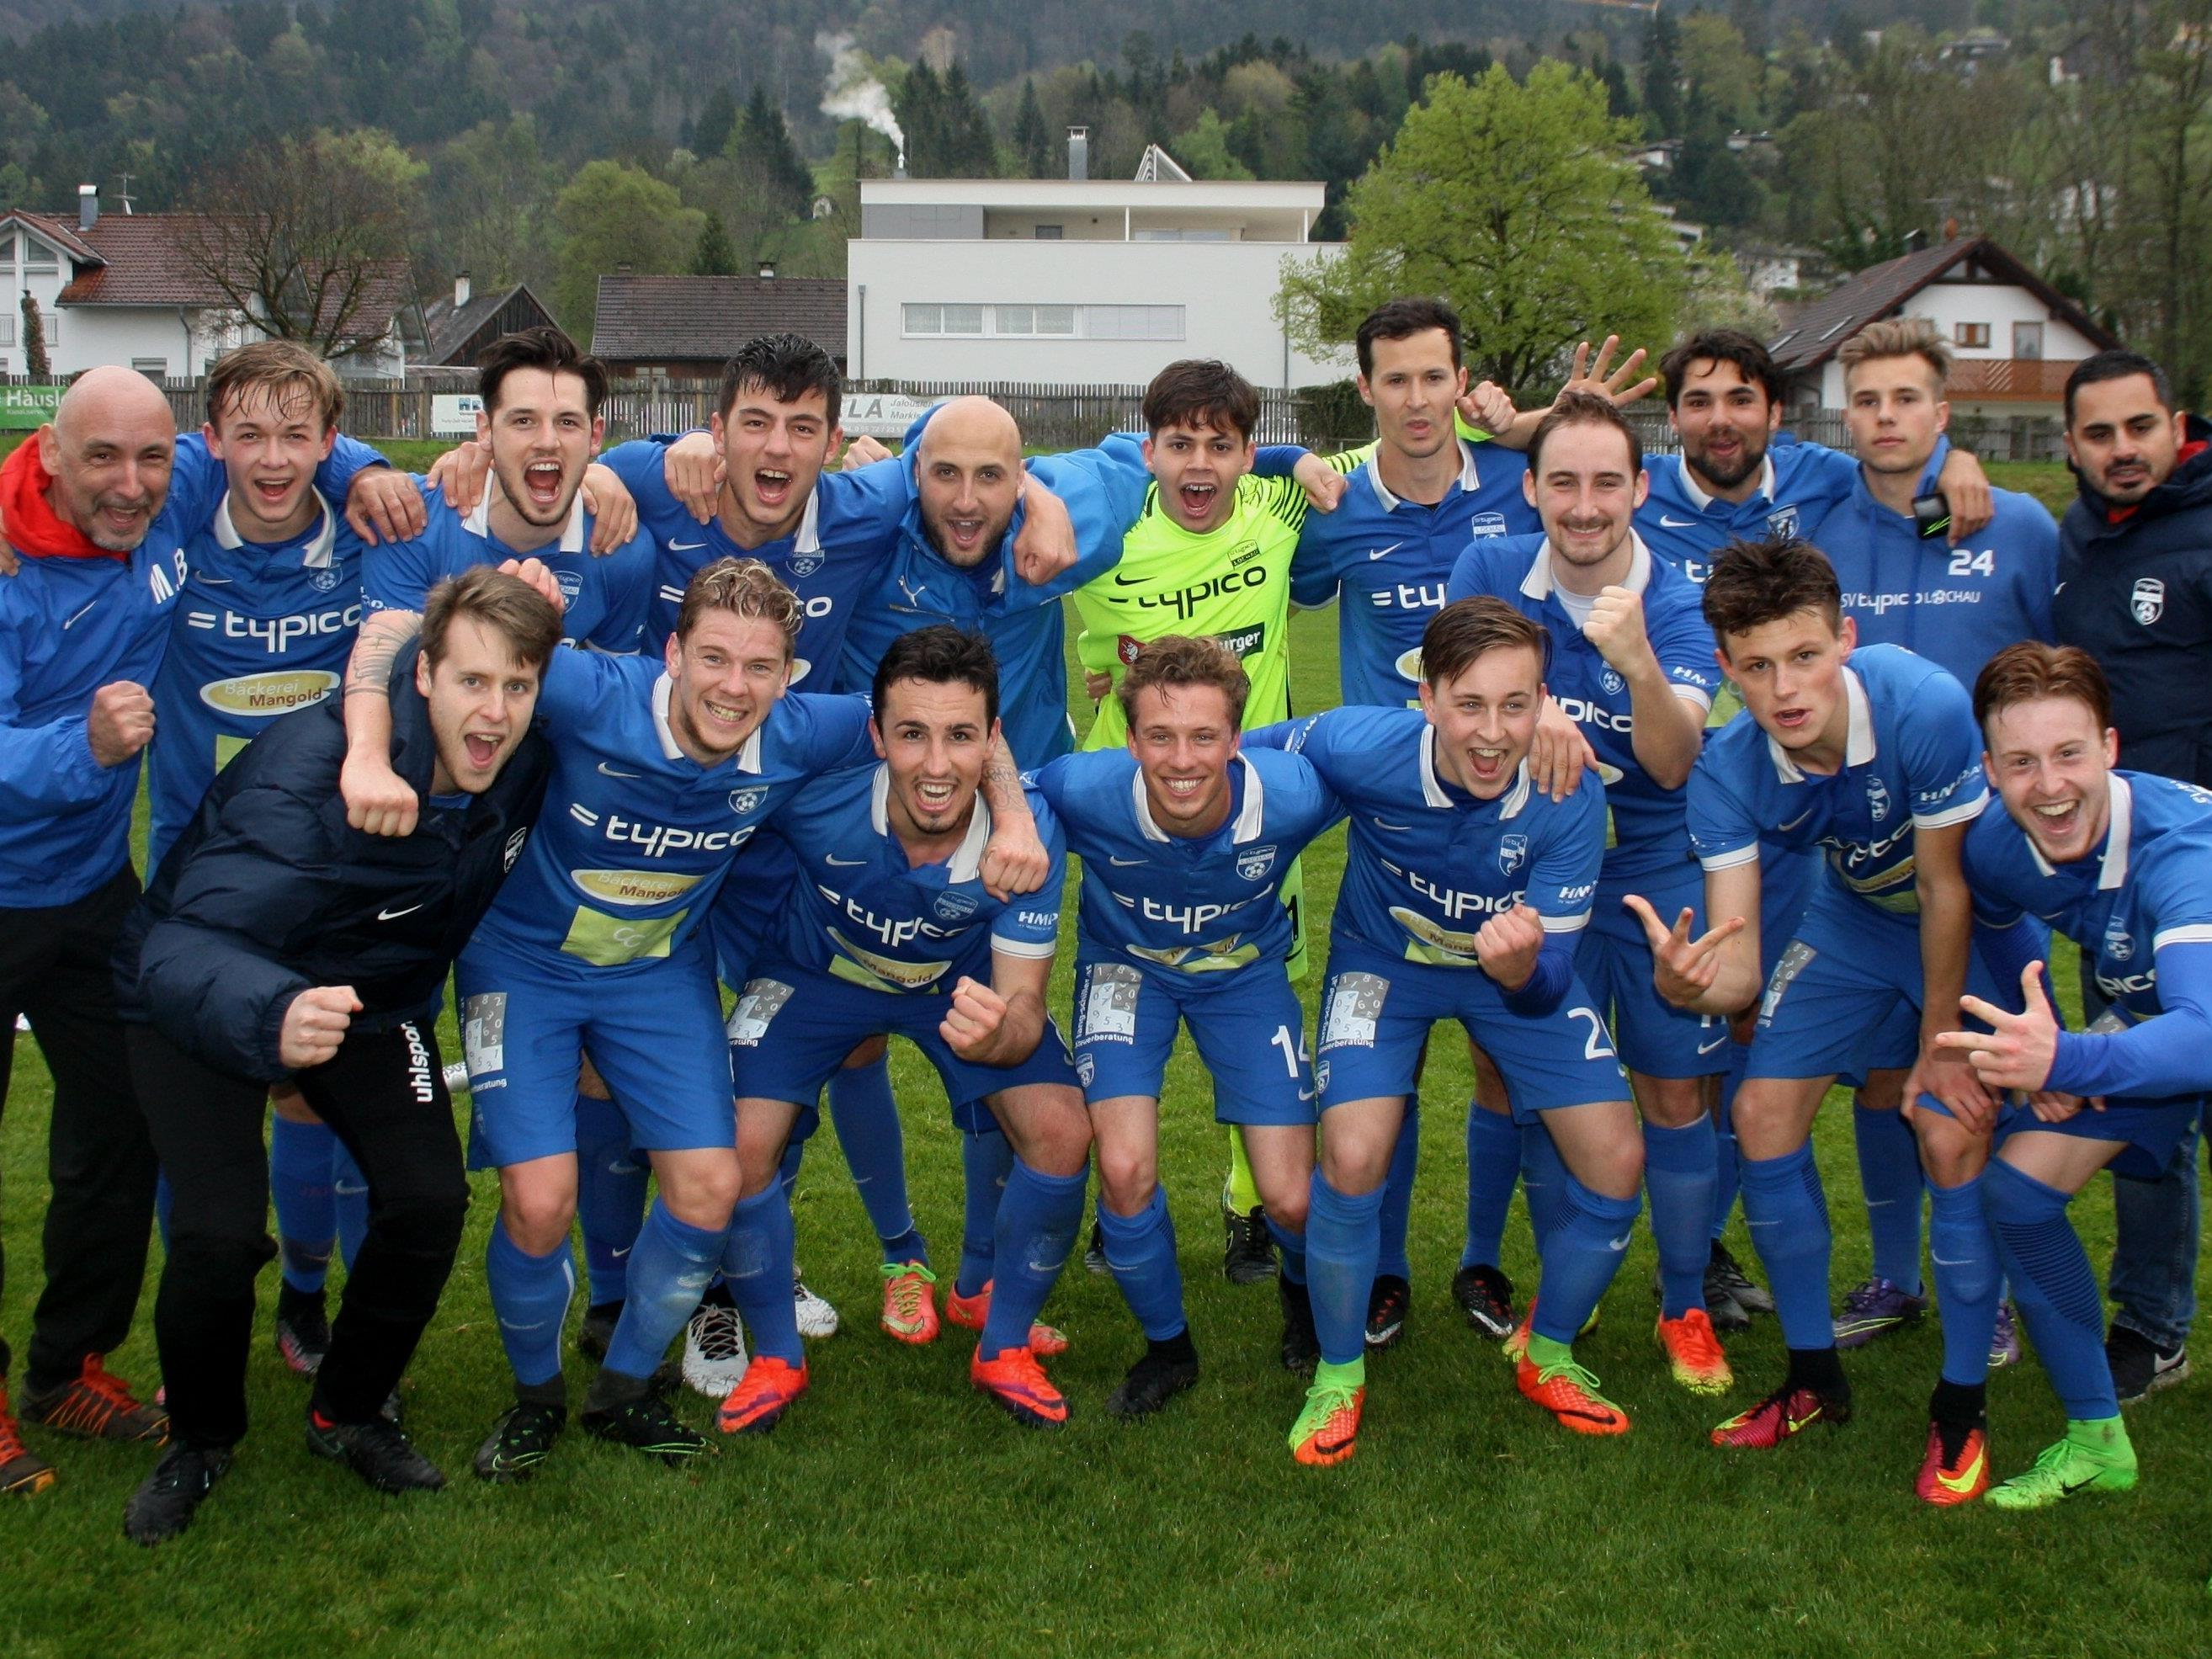 Jubelstimmung beim SV Typico Lochau: Fünf Spiele – 15 Punkte – Tabellenplatz 3 in der Landesliga. Die Lochauer sind im Frühjahr immer noch ungeschlagen.